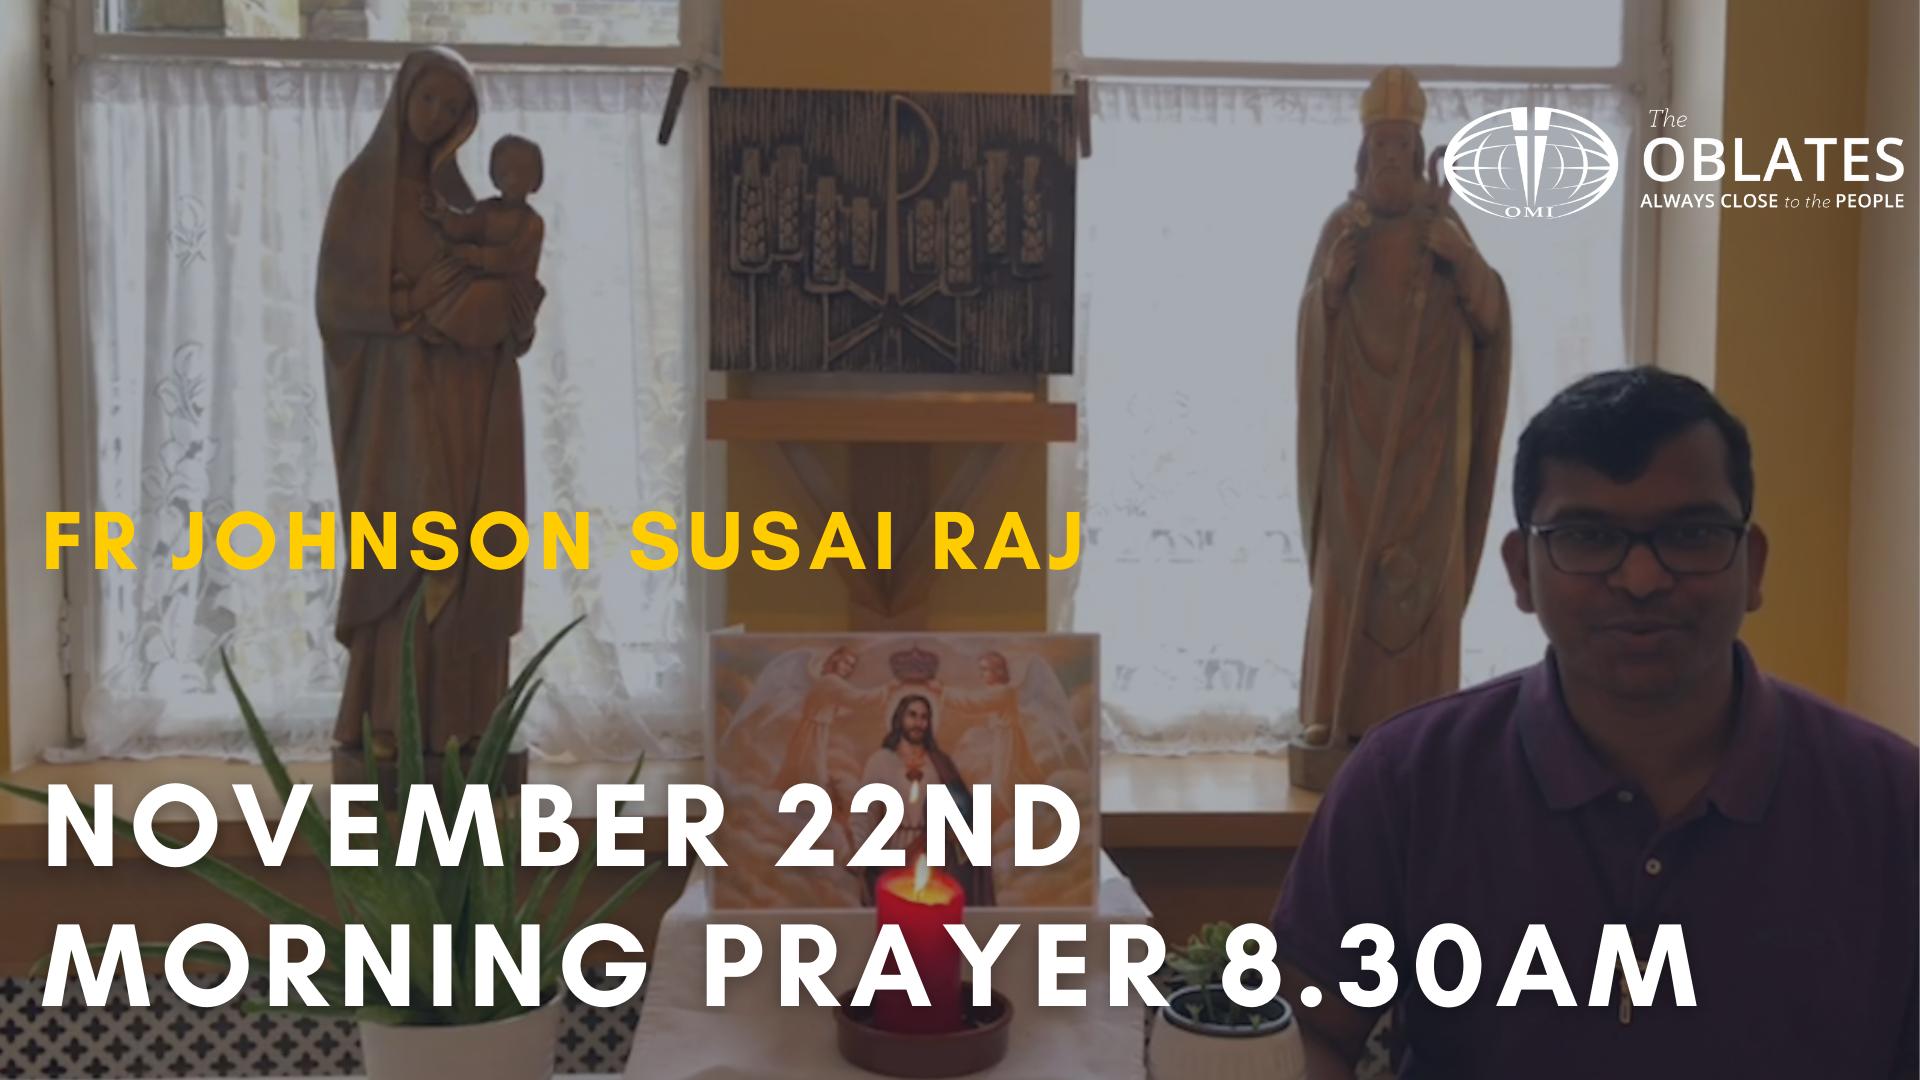 morning prayer november 22nd